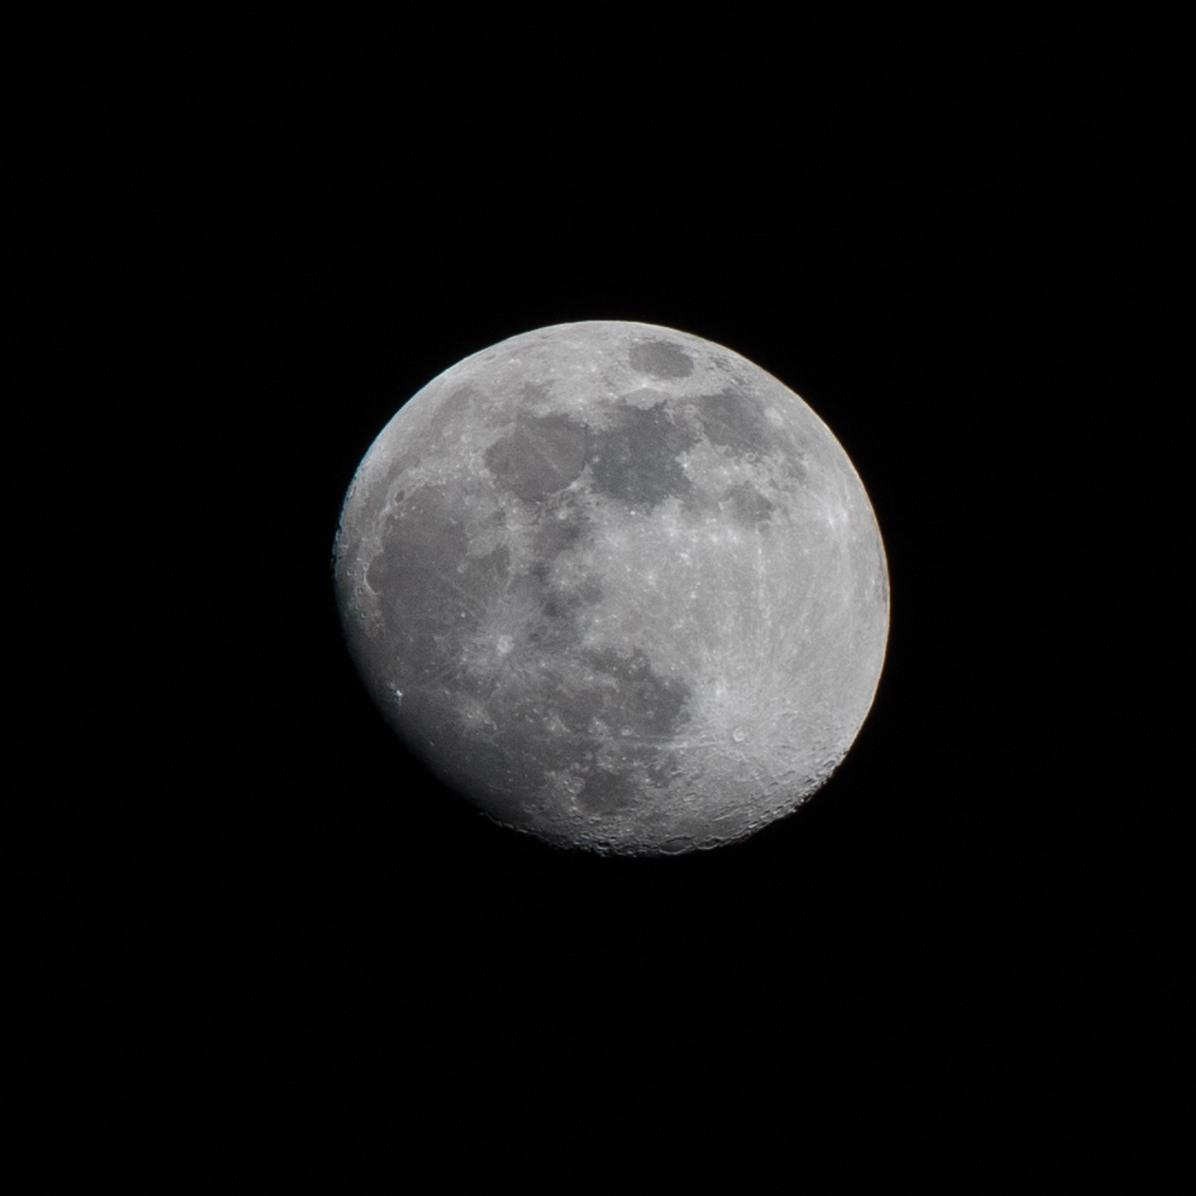 Dag 28 vanaf volle maan. 18-03-2019 Tijdstip 19.54 Maanopkomst 15.15 Maanondergang 05.53 (Maan 28) Muzieknummer van dag 28: Moonlight Drive van the Doors Caroline Janse en Joost Joziasse.